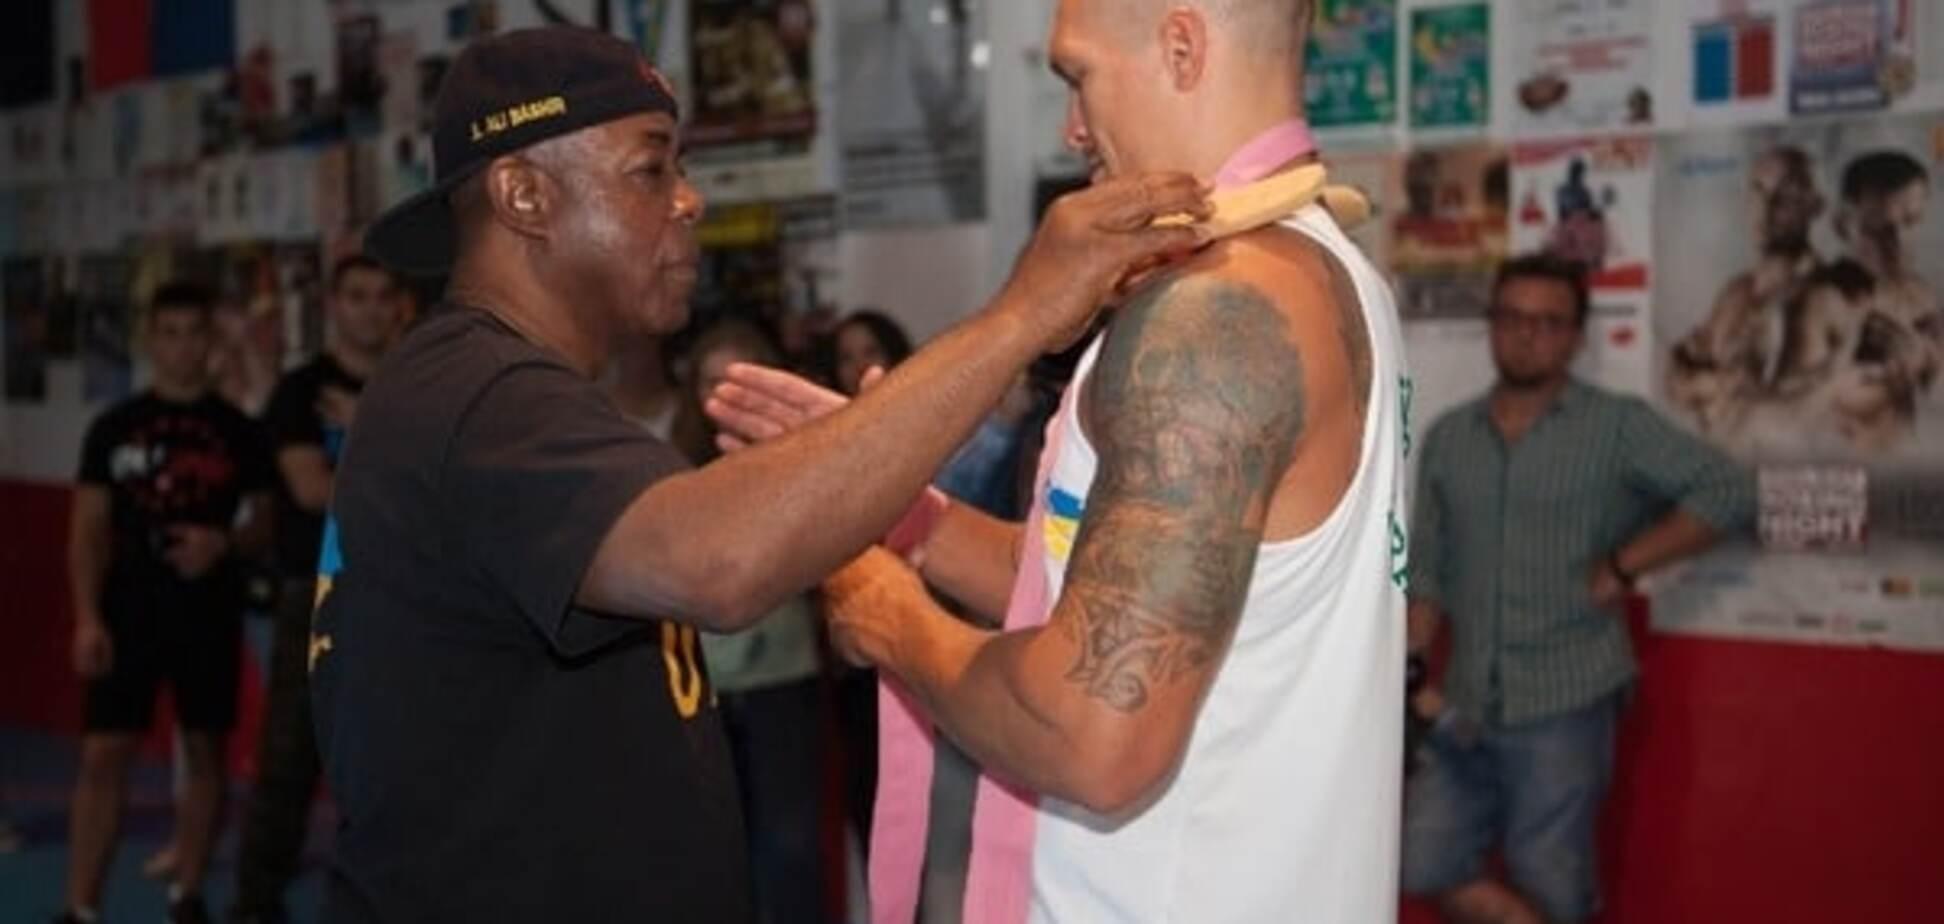 'Усі помиляються': тренер Усика зробив гучну заяву перед чемпіонським боєм